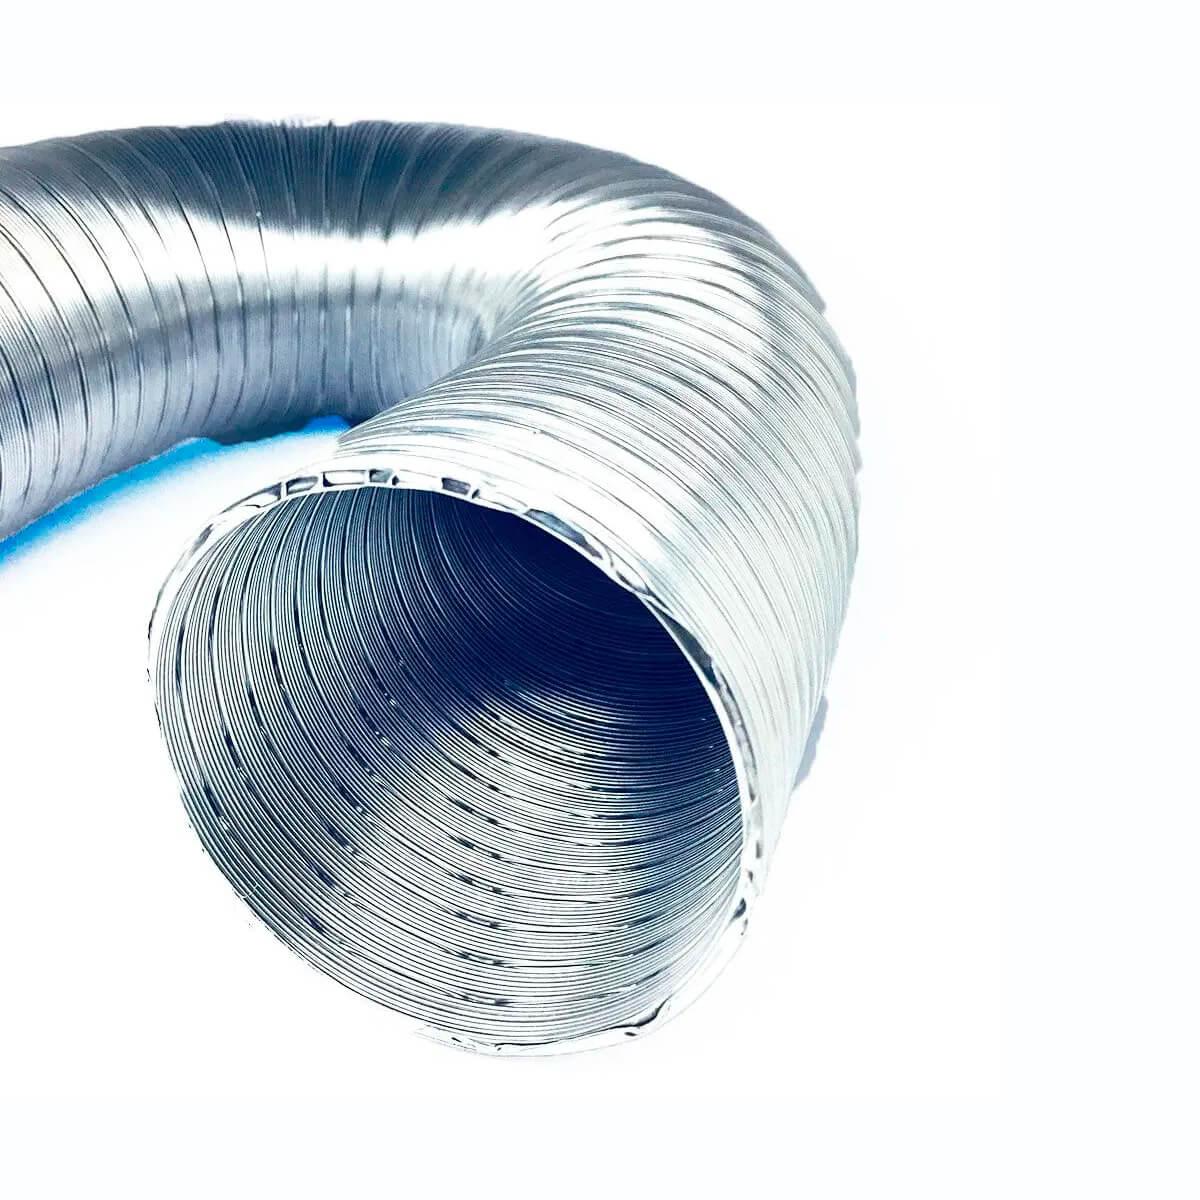 Tubo Flexível de Alumínio Flextic Para Aquecedor de Água a Gás Diâmetro 60mm Comprimento 1,0m